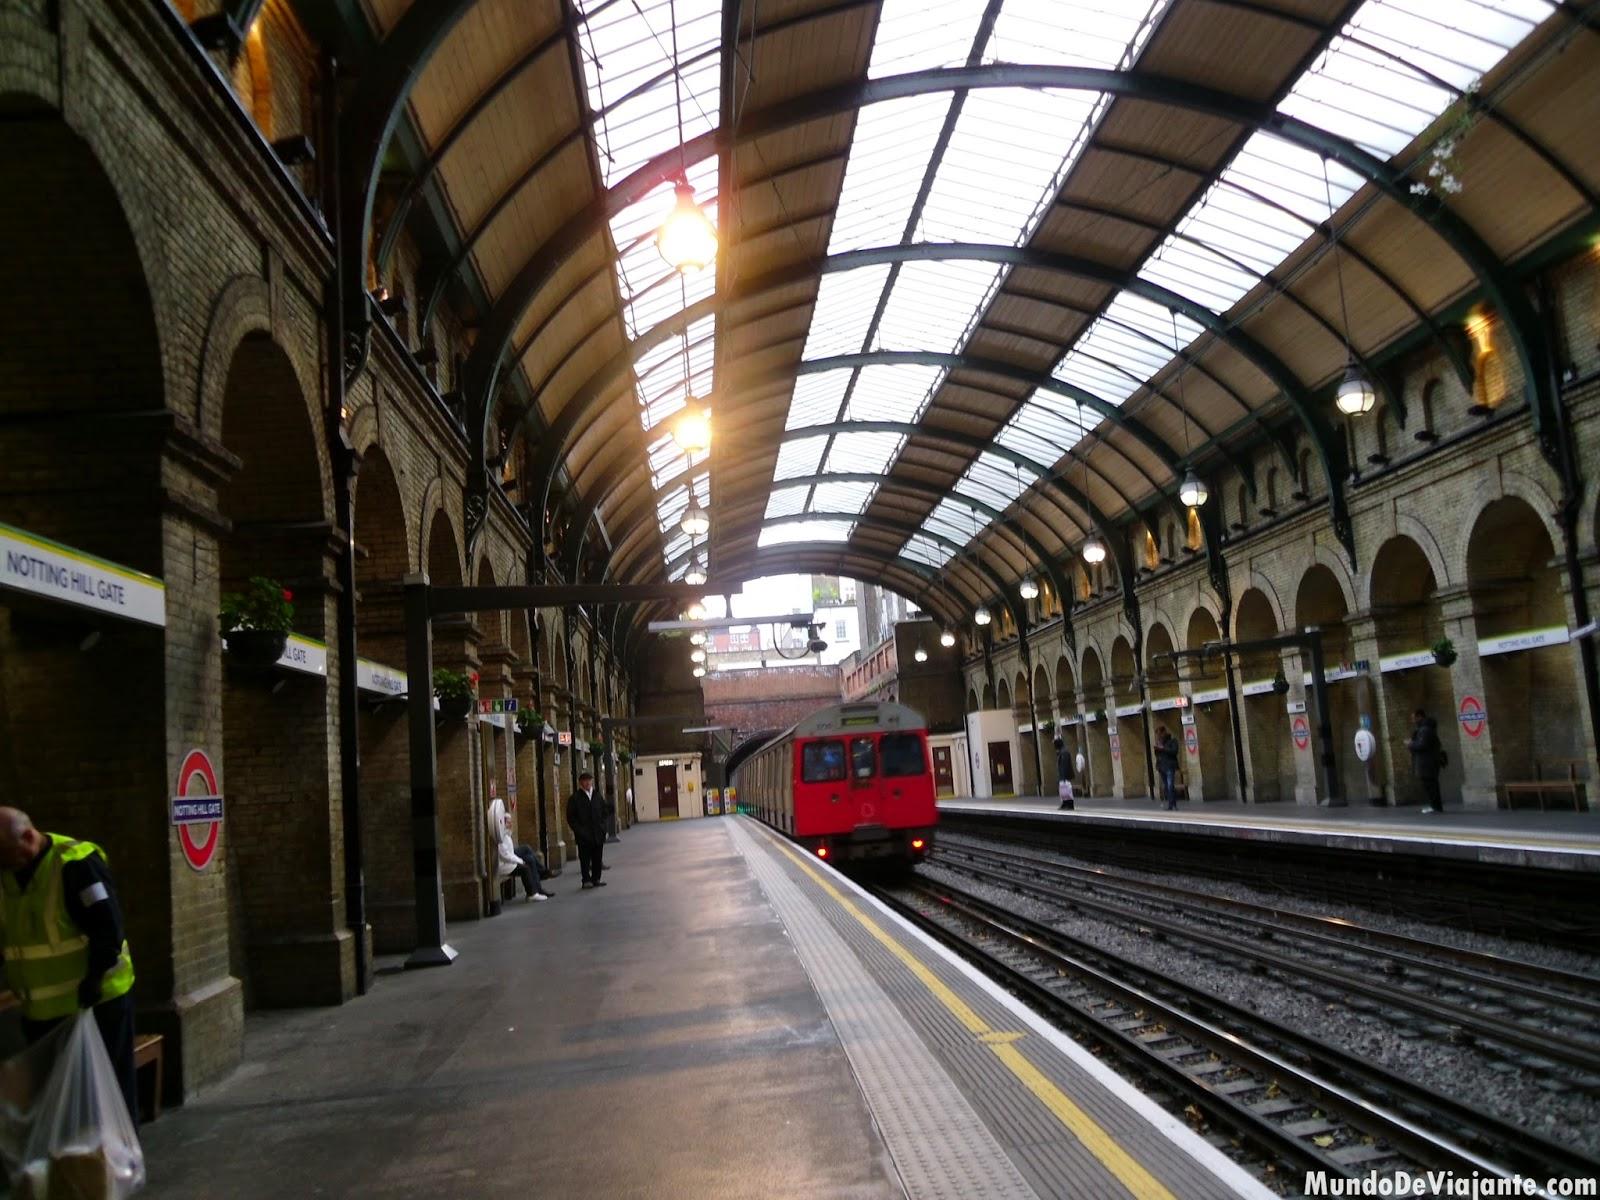 viajar barato dicas para economizar em viagens internacionais metrô de londres